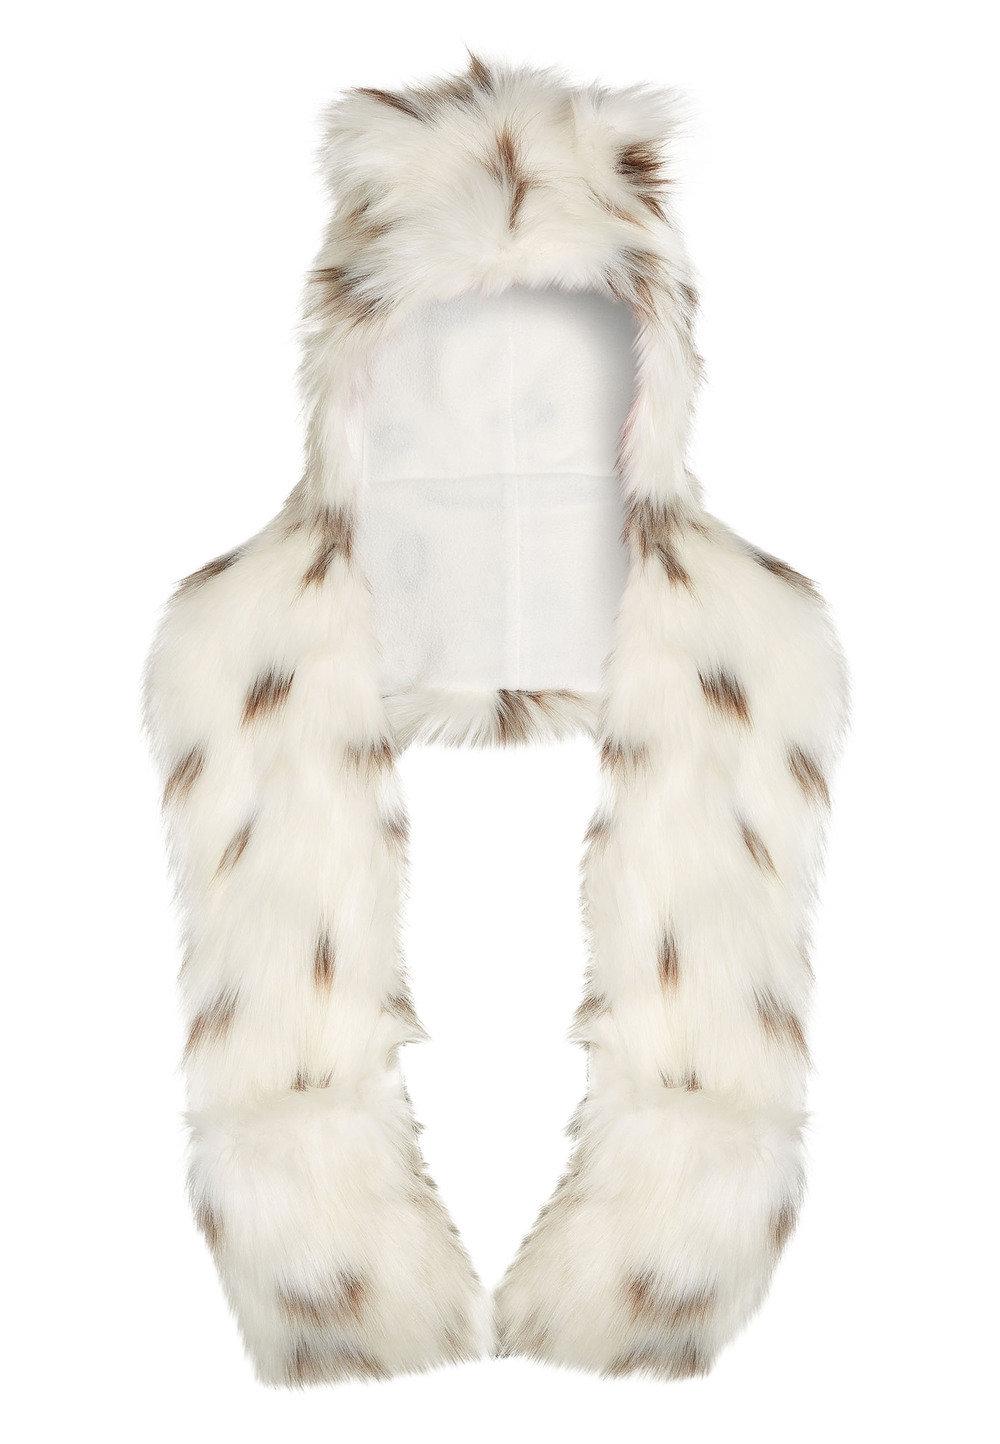 415d2144c60 ITEM ADDED TO BAG! Item description. Colour  Size  Qty  GO TO CHECKOUT  CONTINUE SHOPPING. Next Faux Fur Hat ...